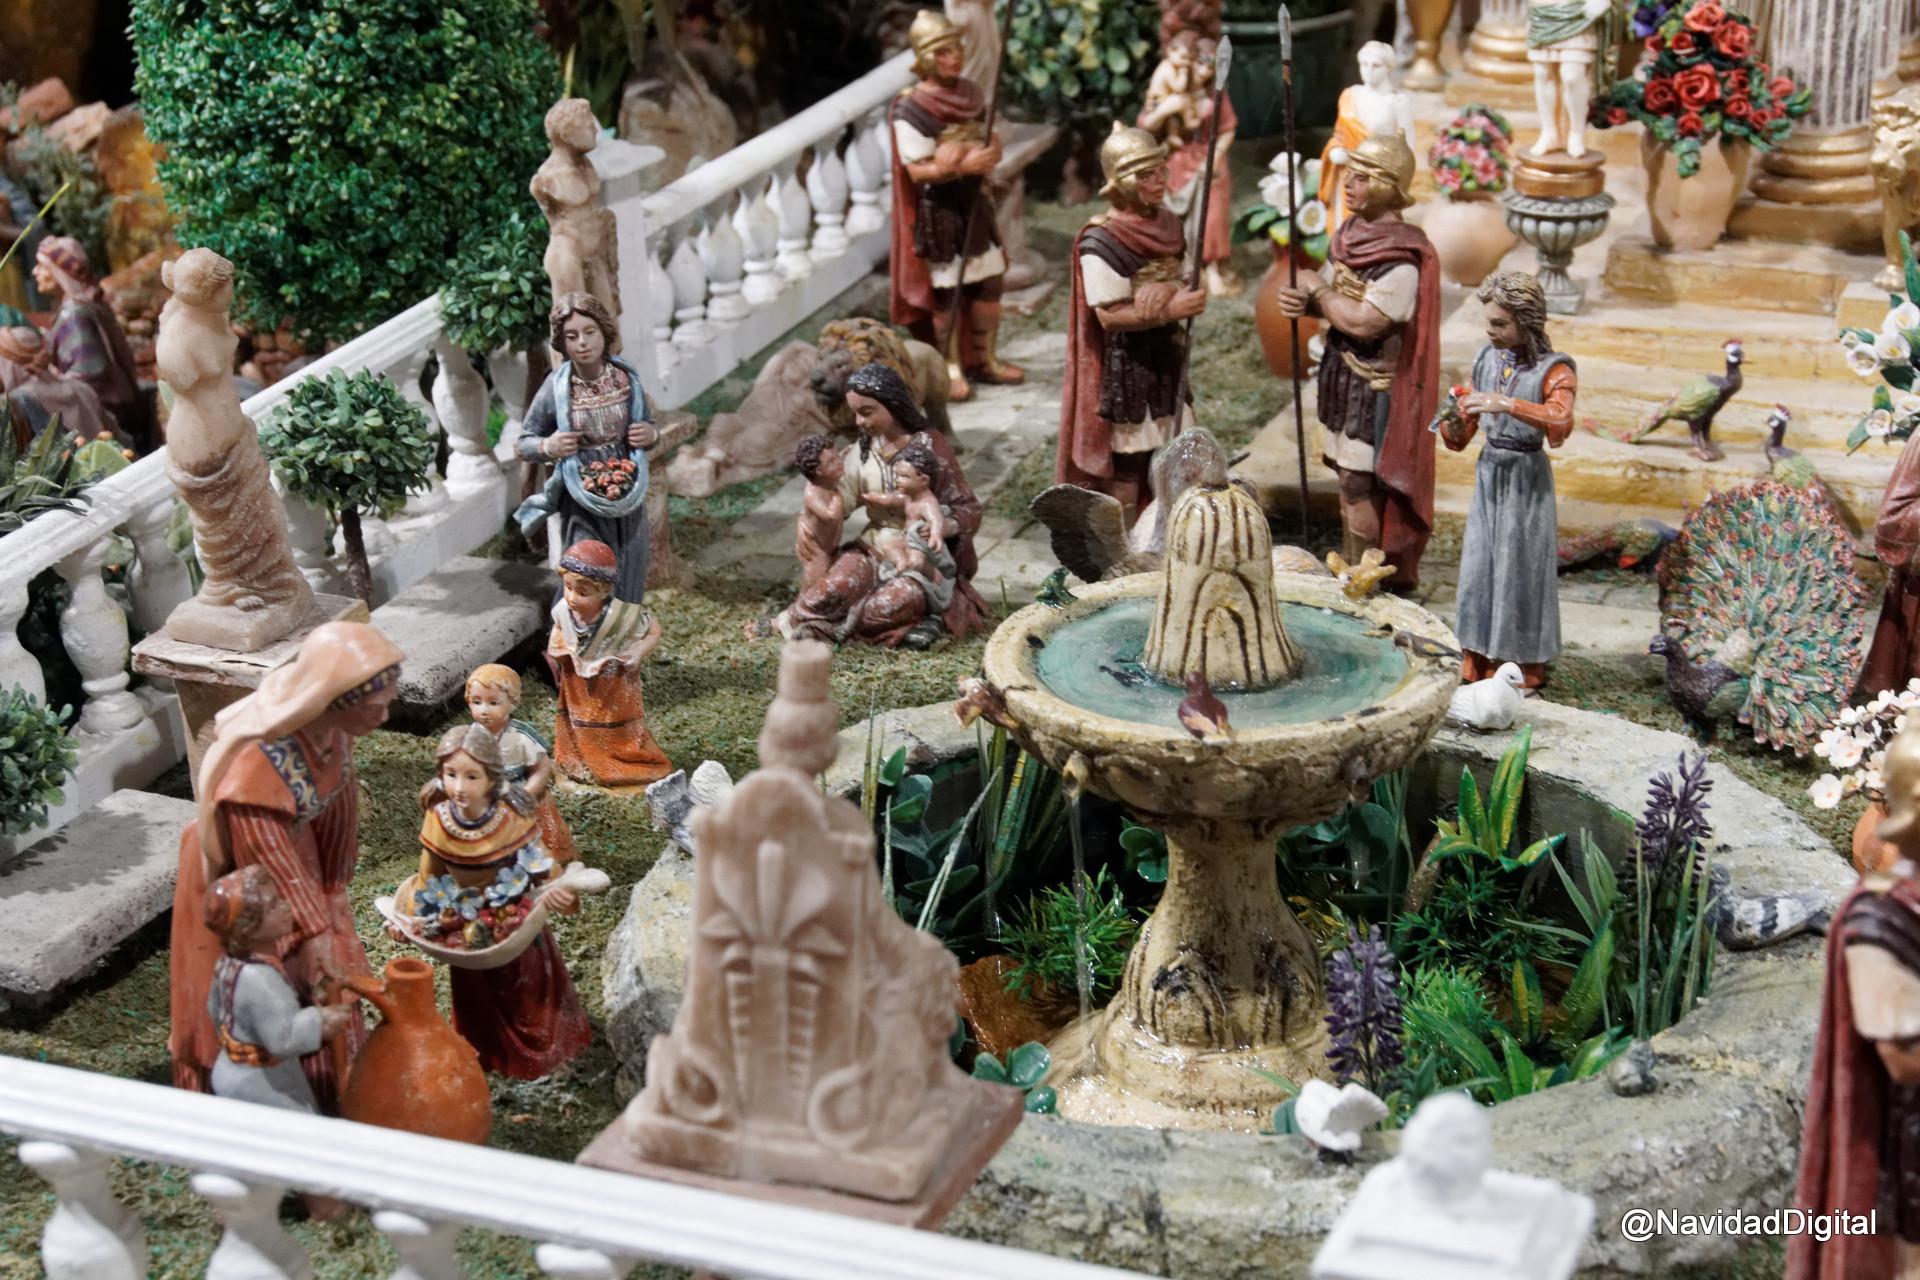 Romanos belen roca dsc01754 el blog de navidad digital for Belen de roca